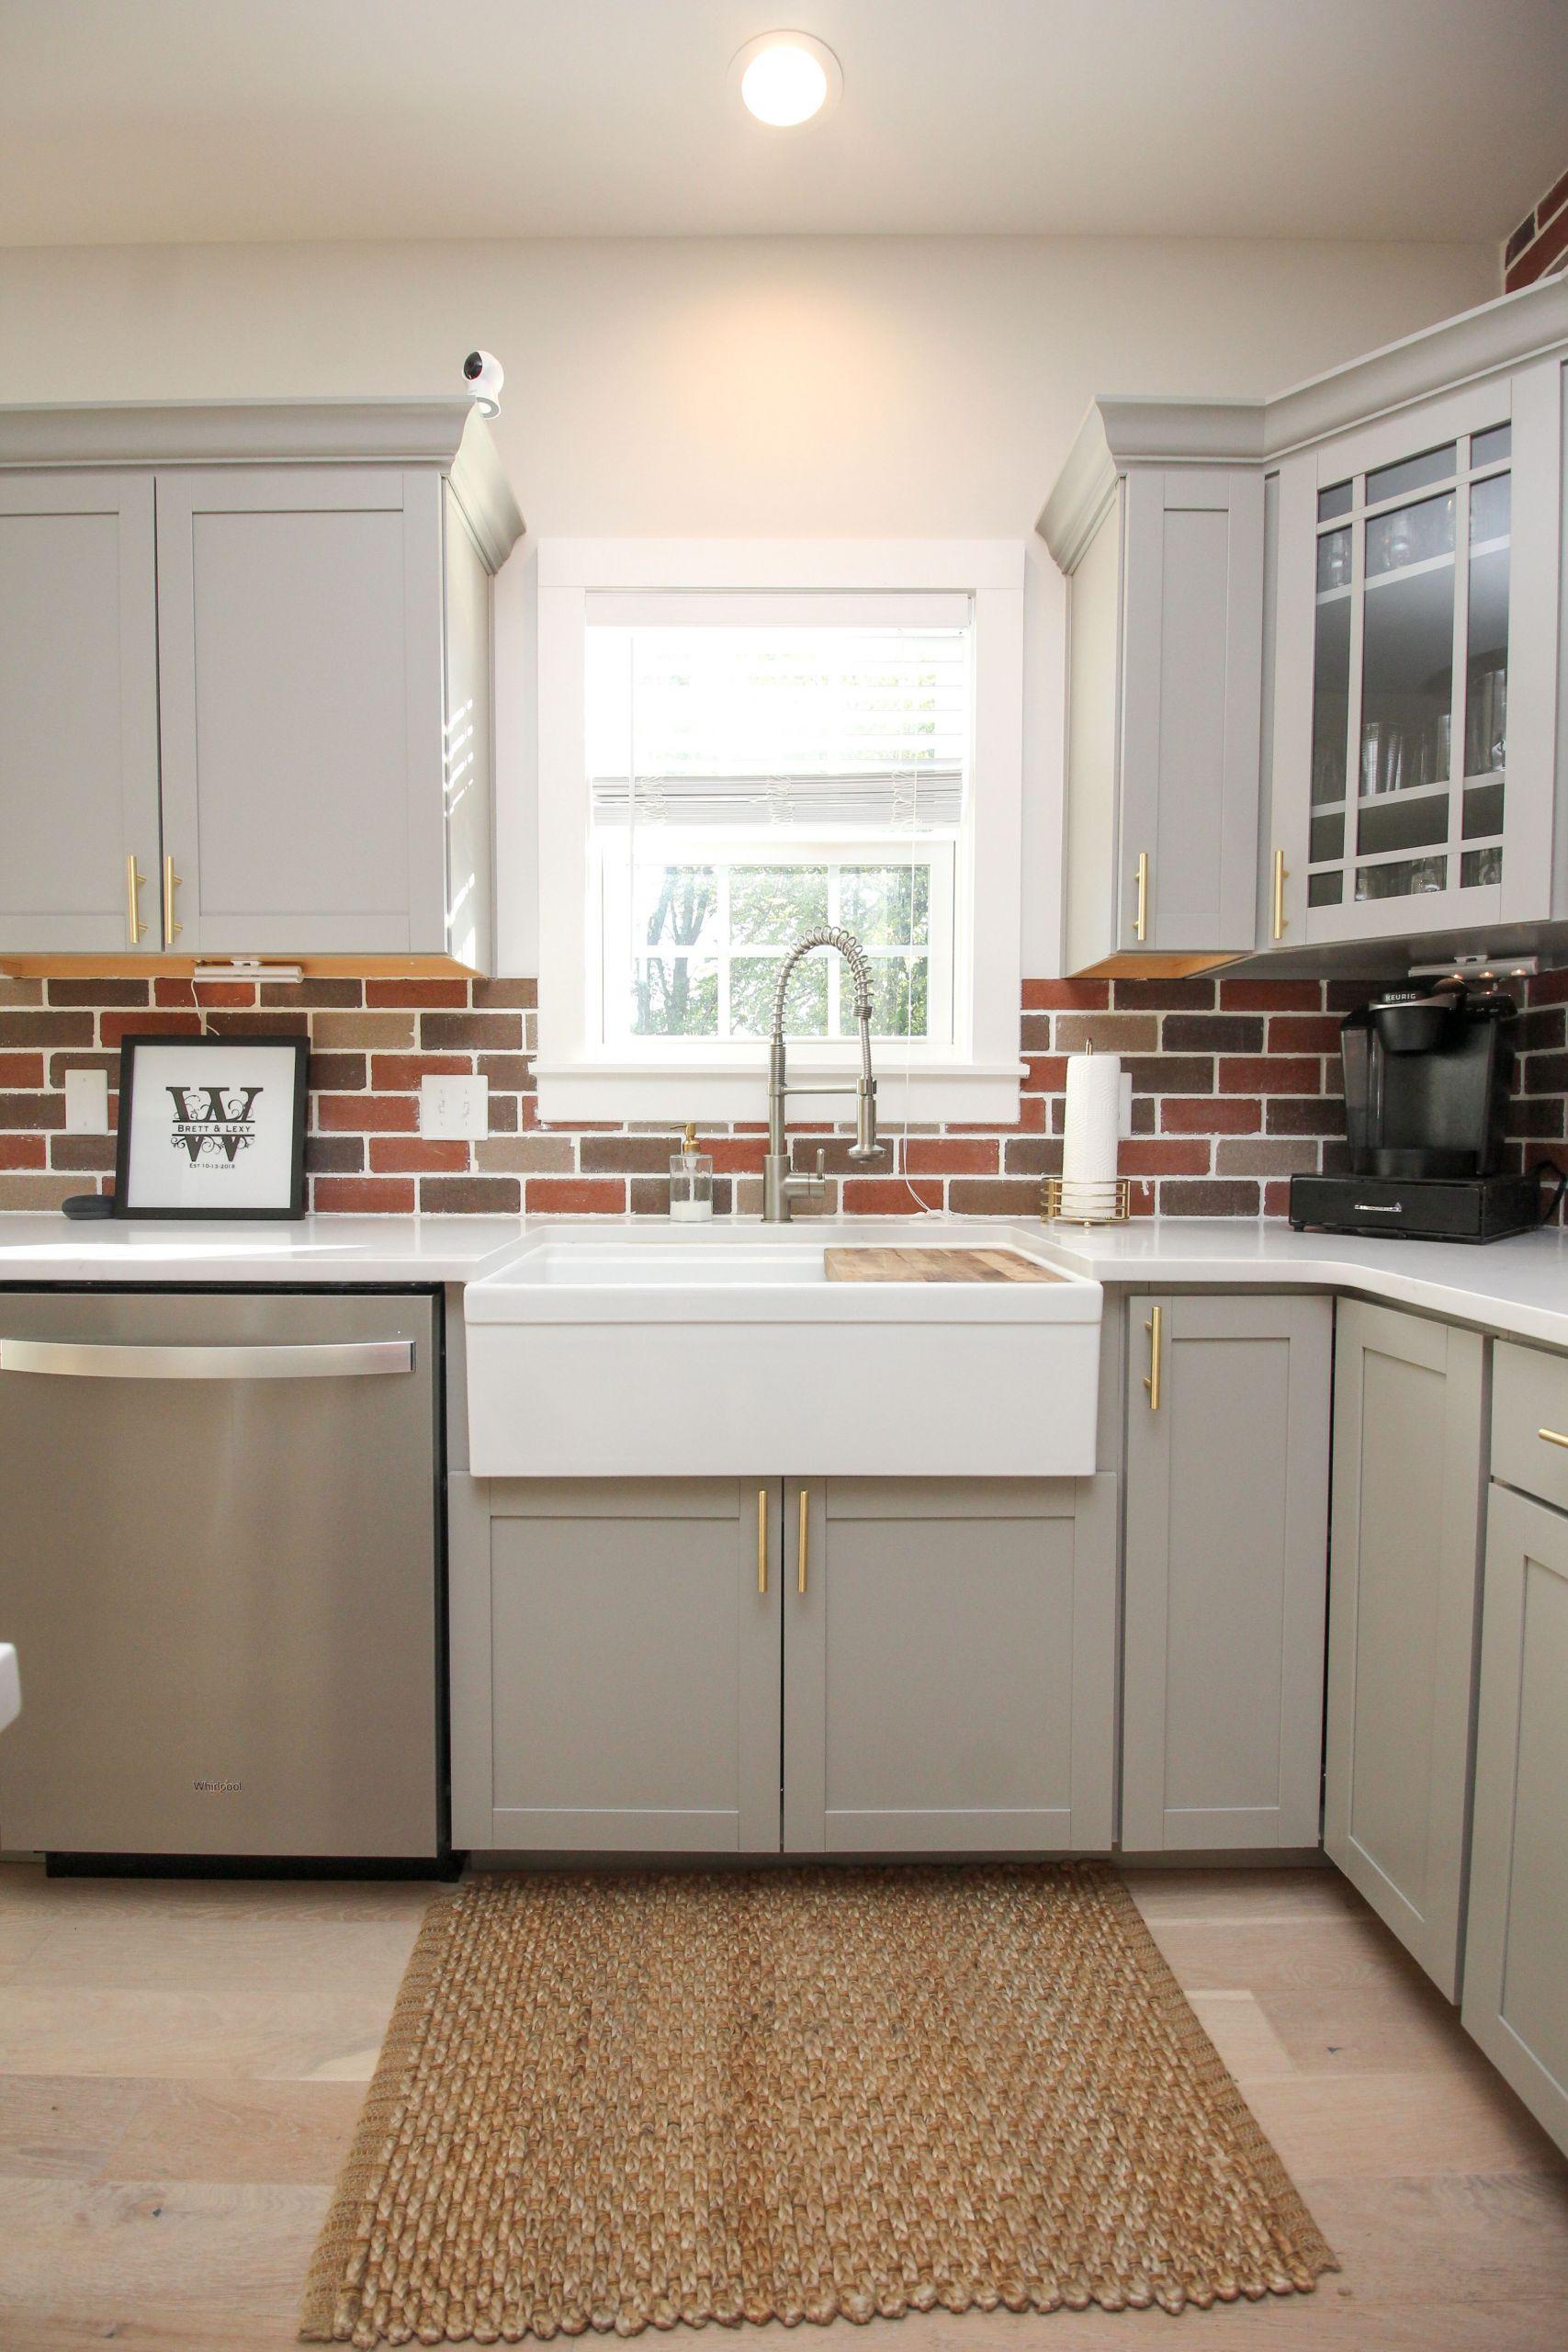 White Kitchen Brick Backsplash Luxury Farmhouse Kitchen Sink with Brick Backsplash Stainless